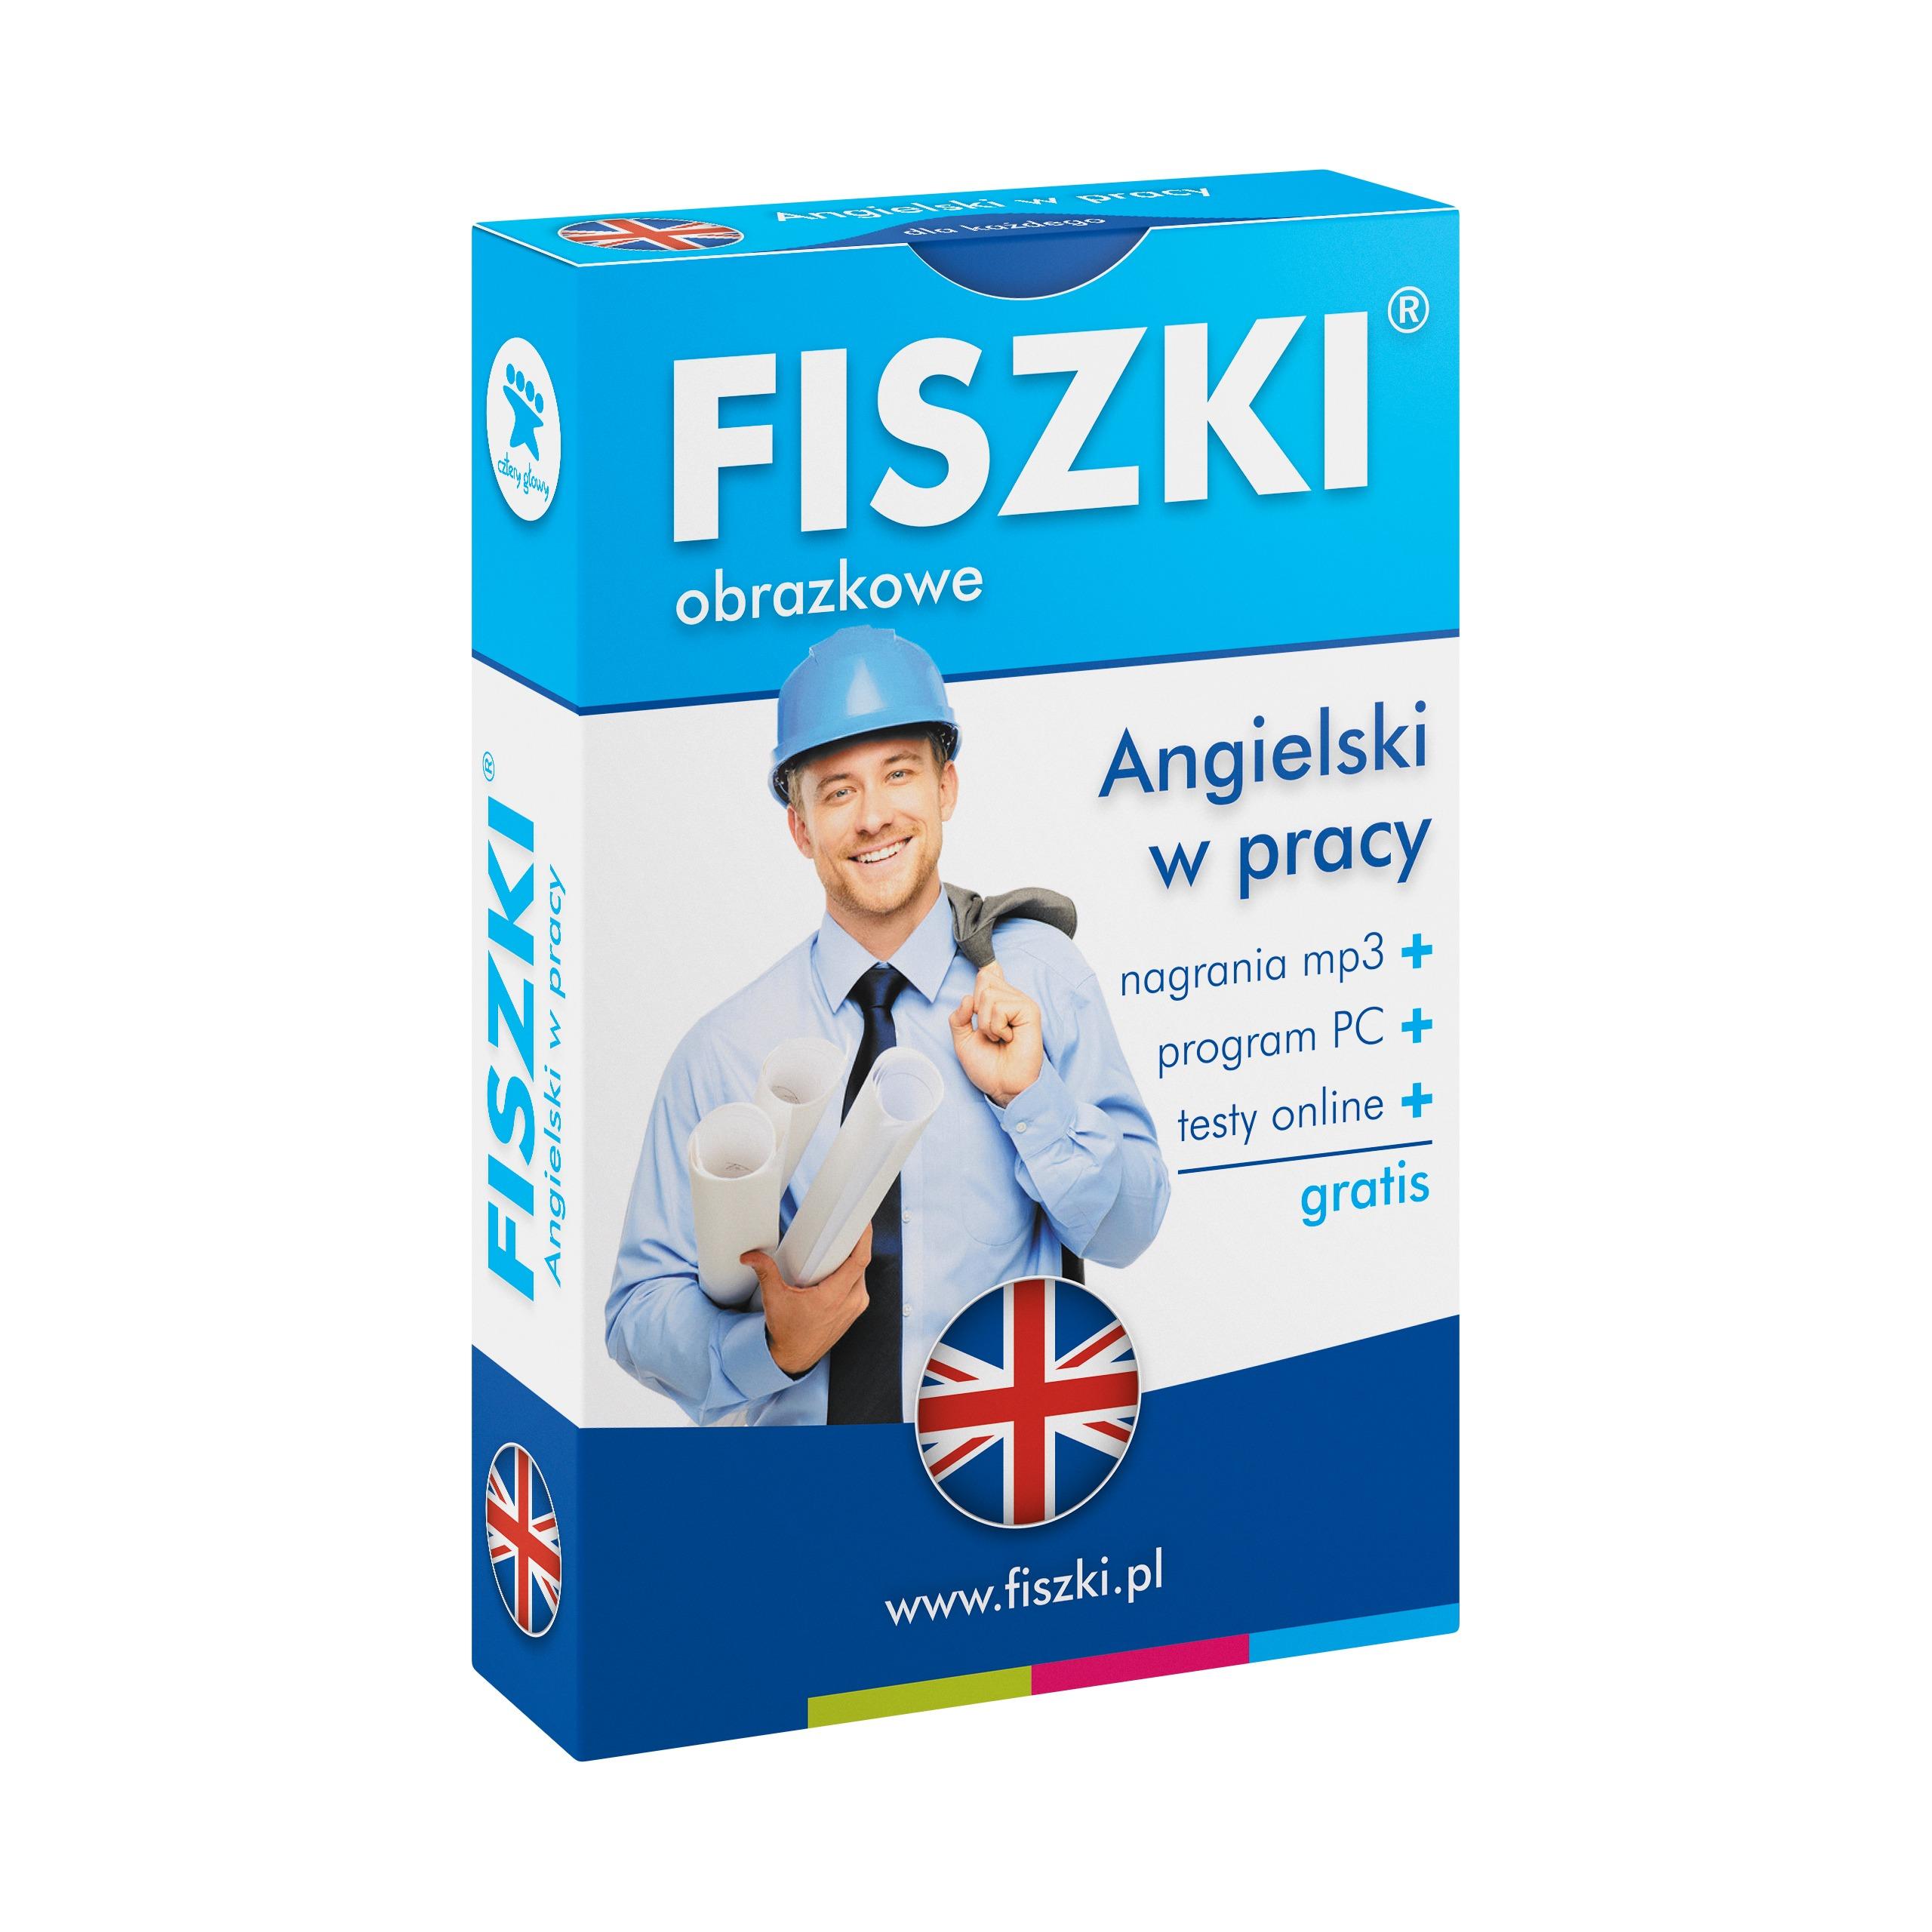 FISZKI obrazkowe - angielski - Angielski w pracy